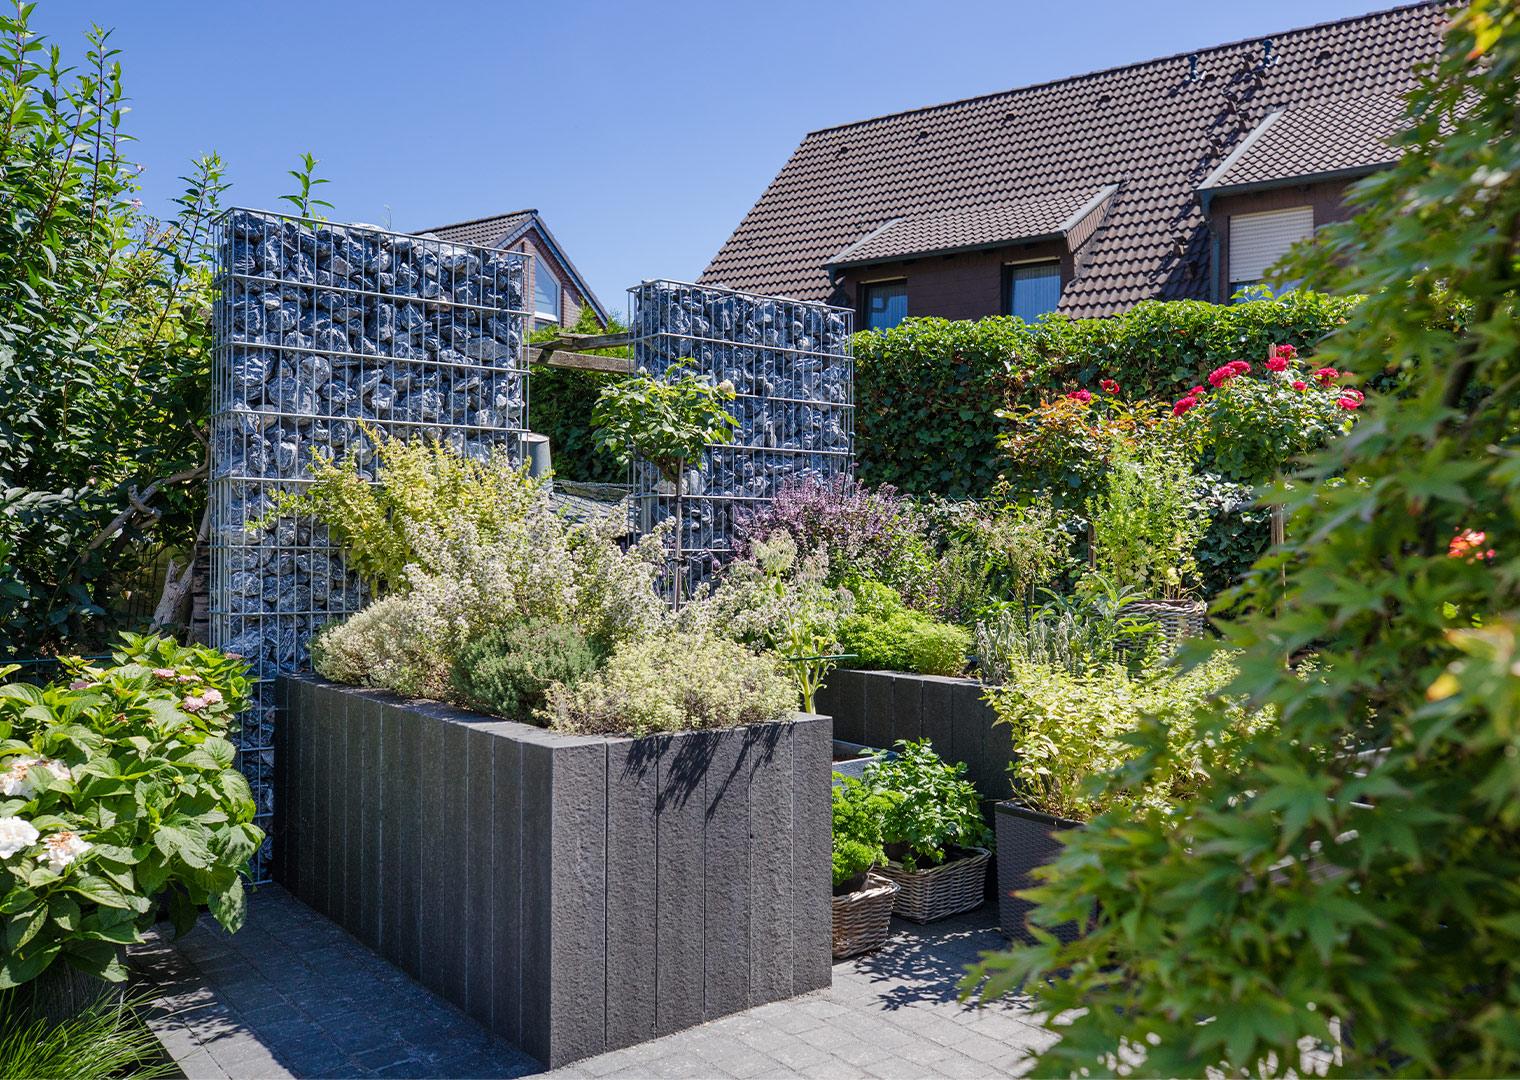 Link zur Bilddatei: roosen_galabau_landschaftsbau_viersen_referenzen_wohnhaus_mit_garten_ (1)